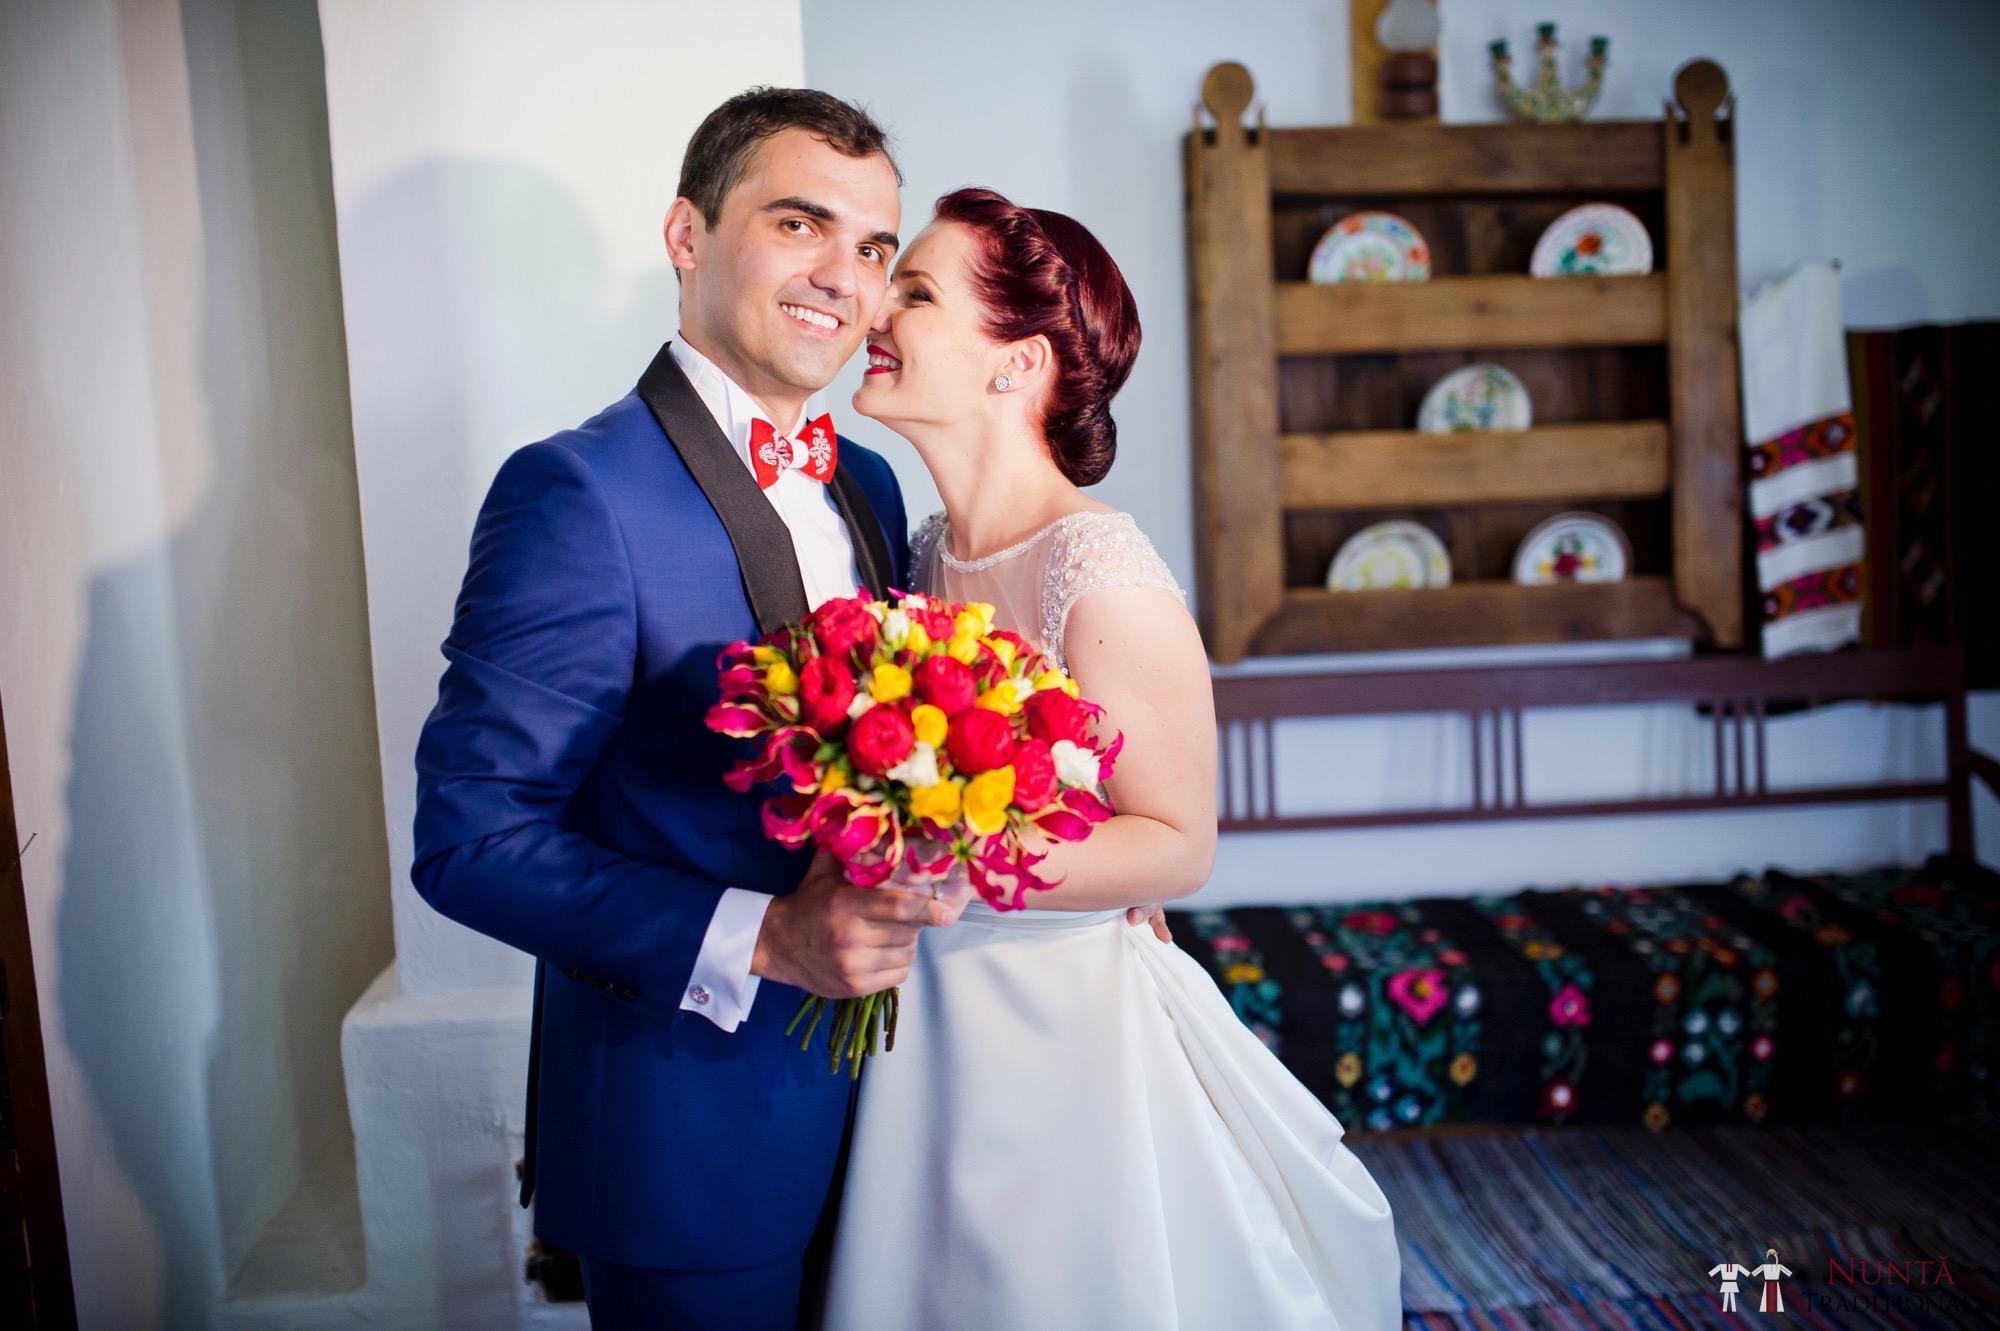 Povești Nunți Tradiționale - Gabriela și Mădălin - Nuntă Tradițională în Suceava, Bucovina 86